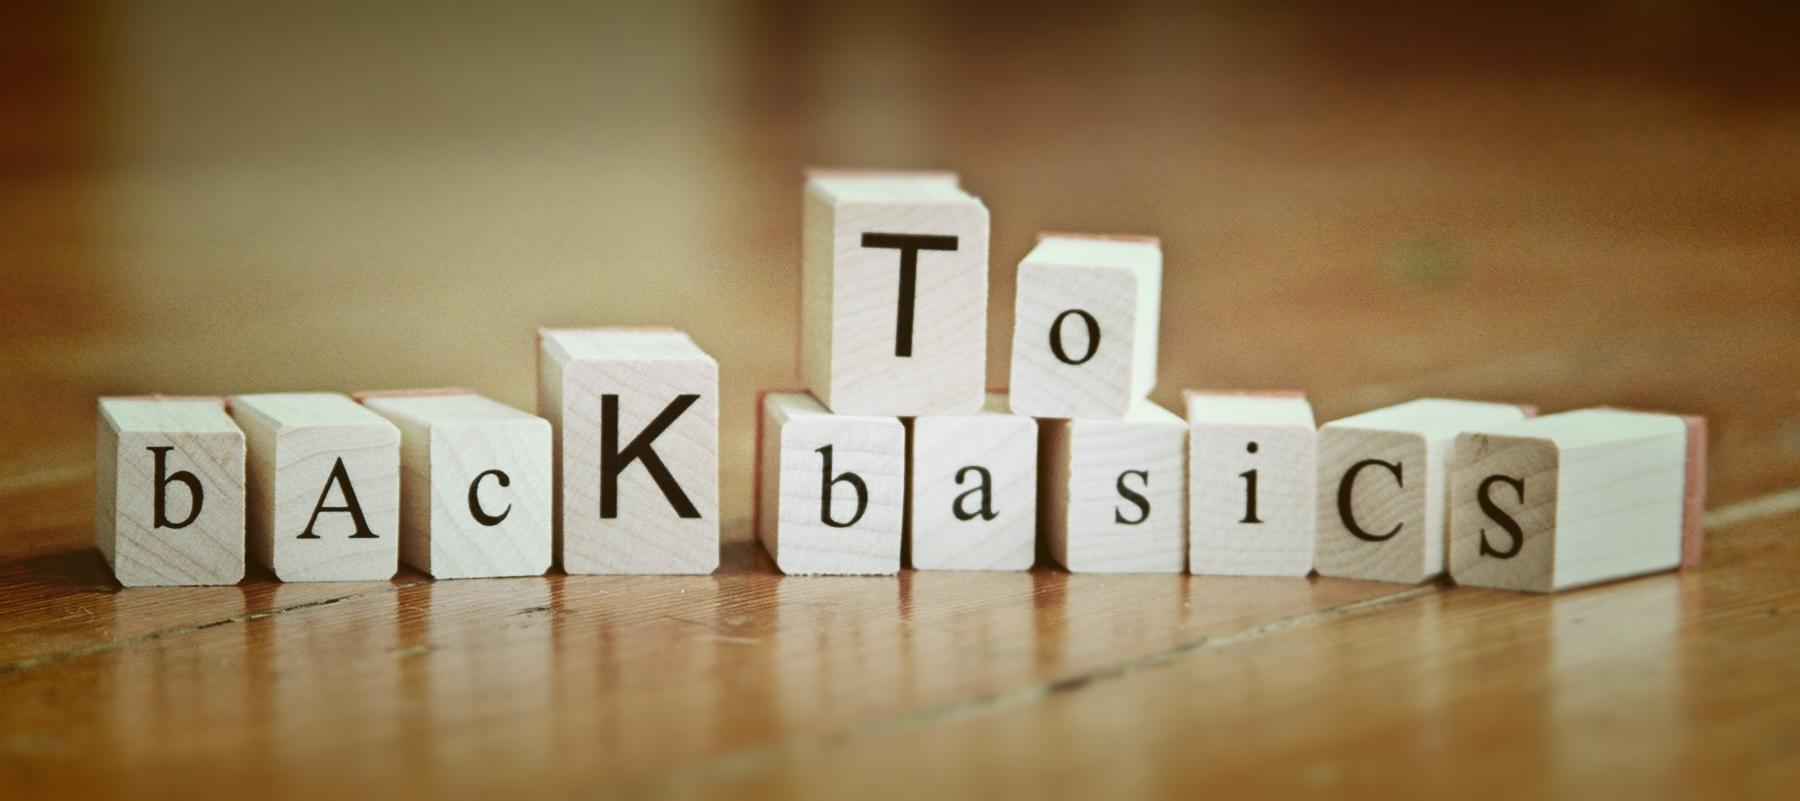 basics-2.jpg